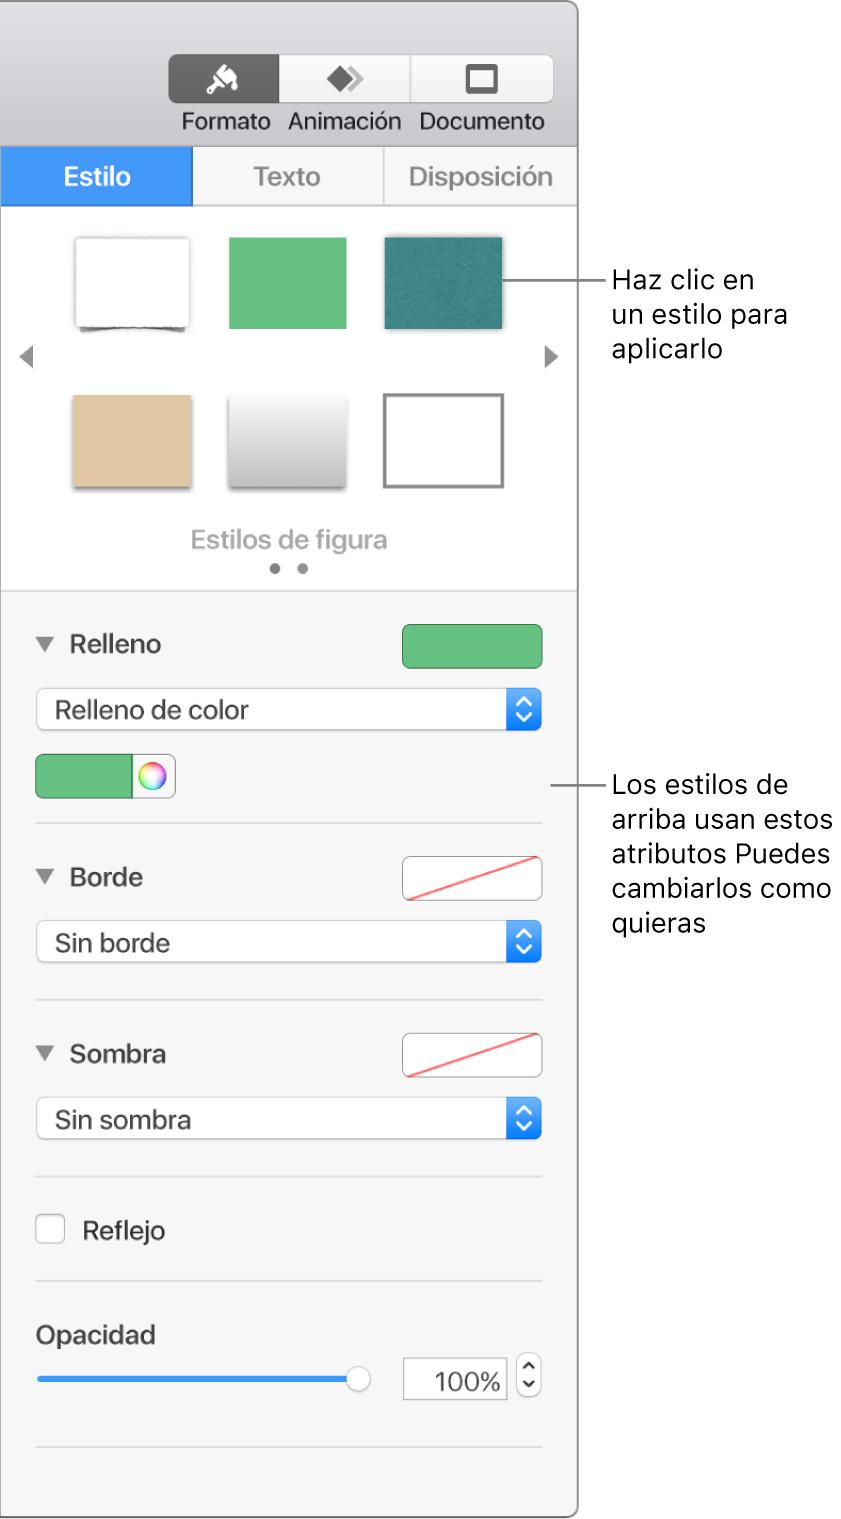 Estilos y opciones de figura en la sección Formato de la barra lateral.